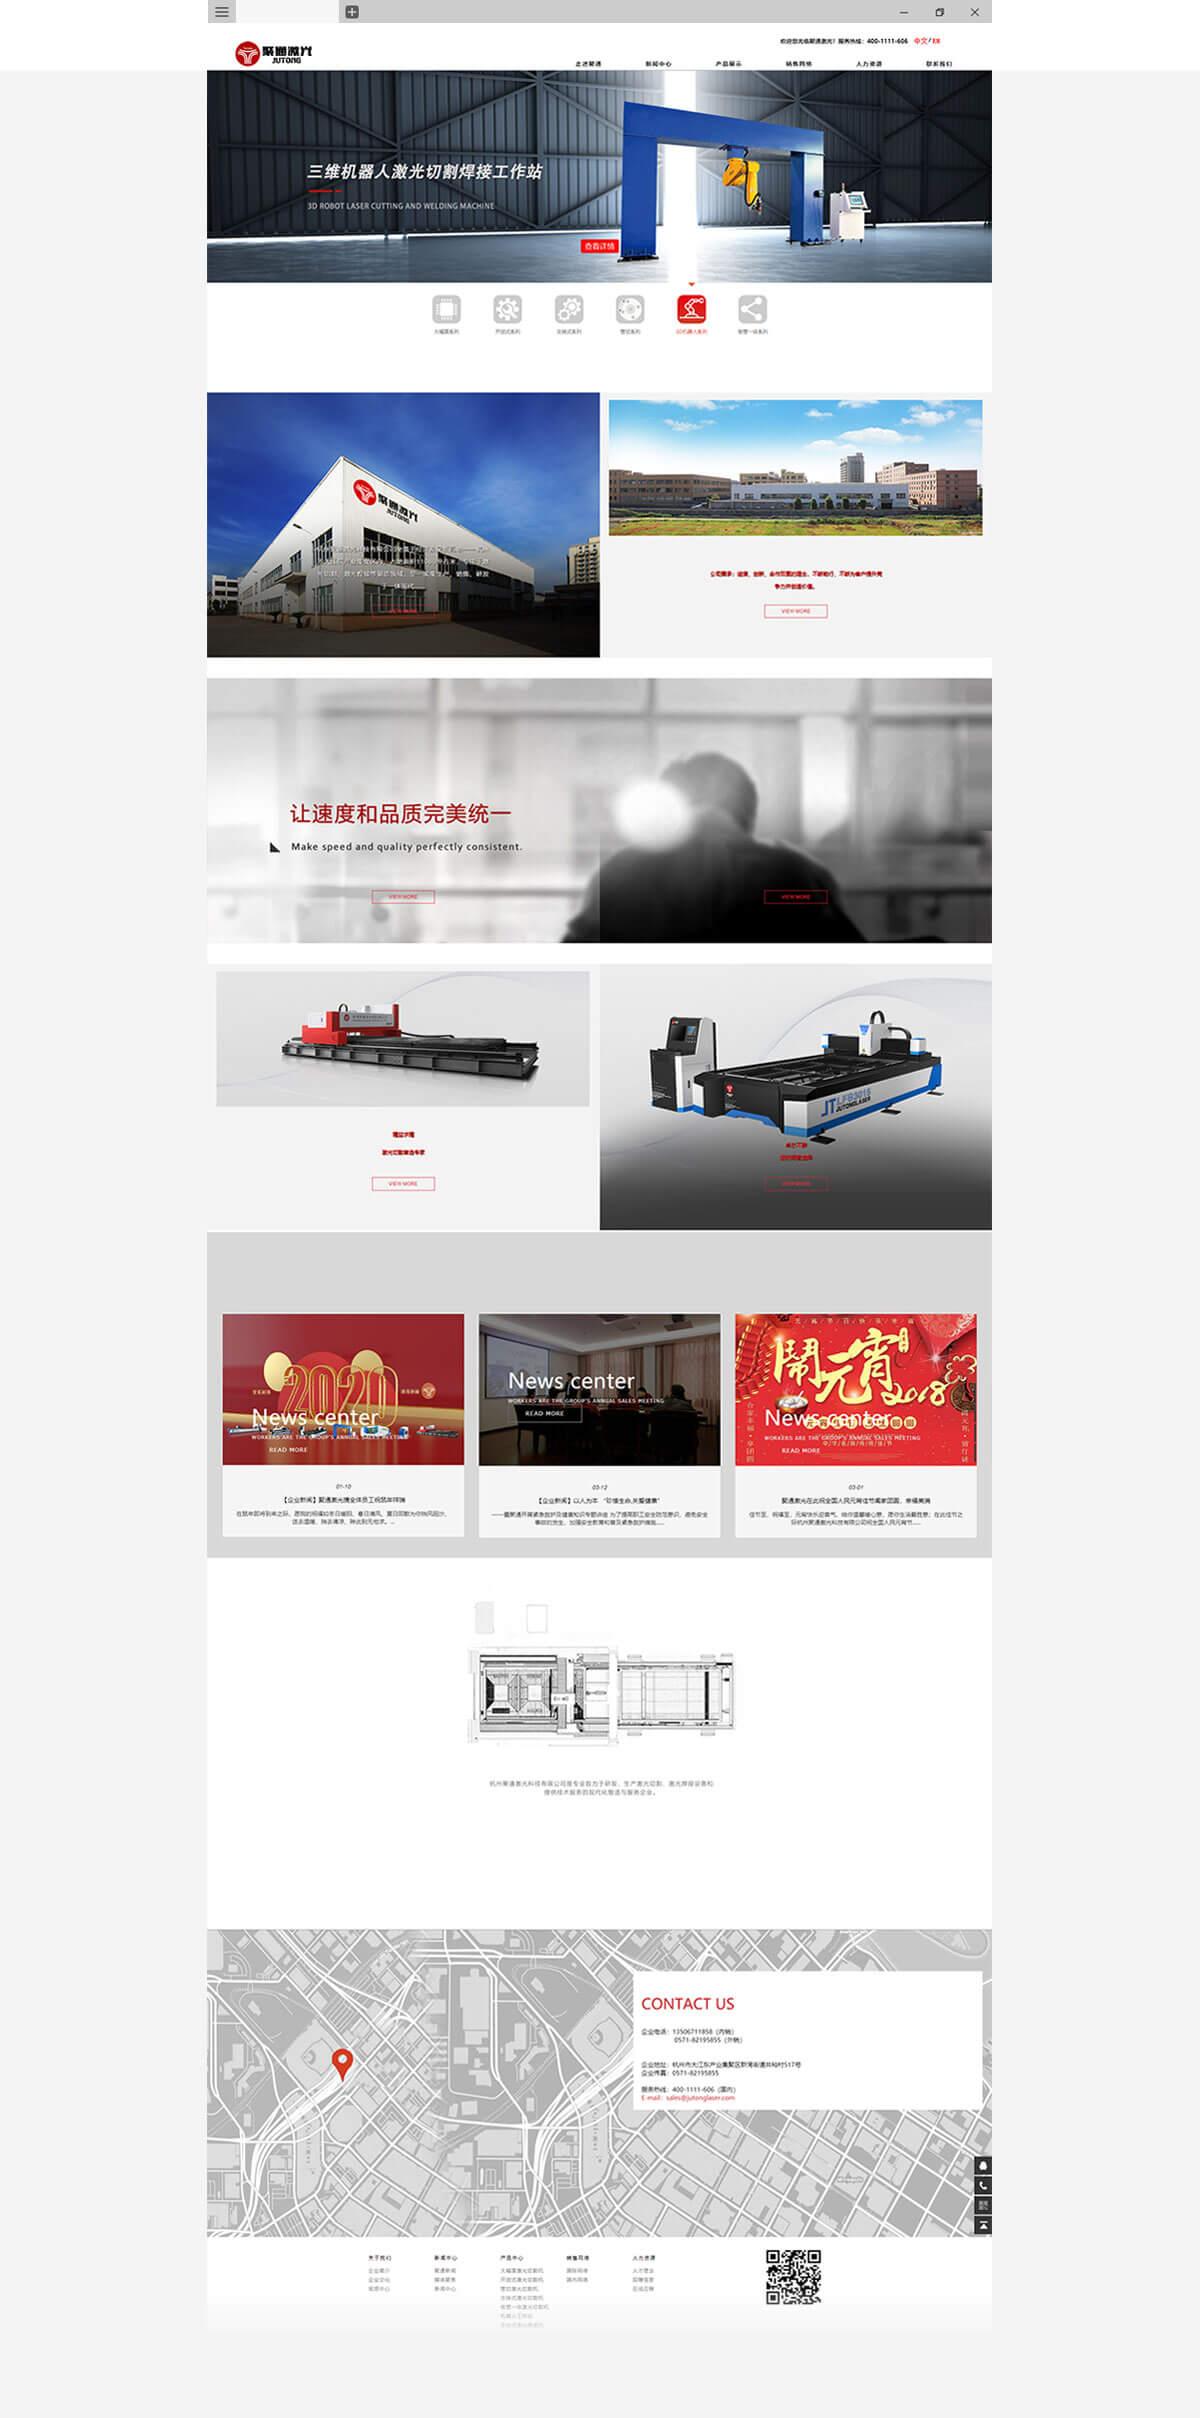 喷绘写真陶瓷工程蓝图制作公司网站